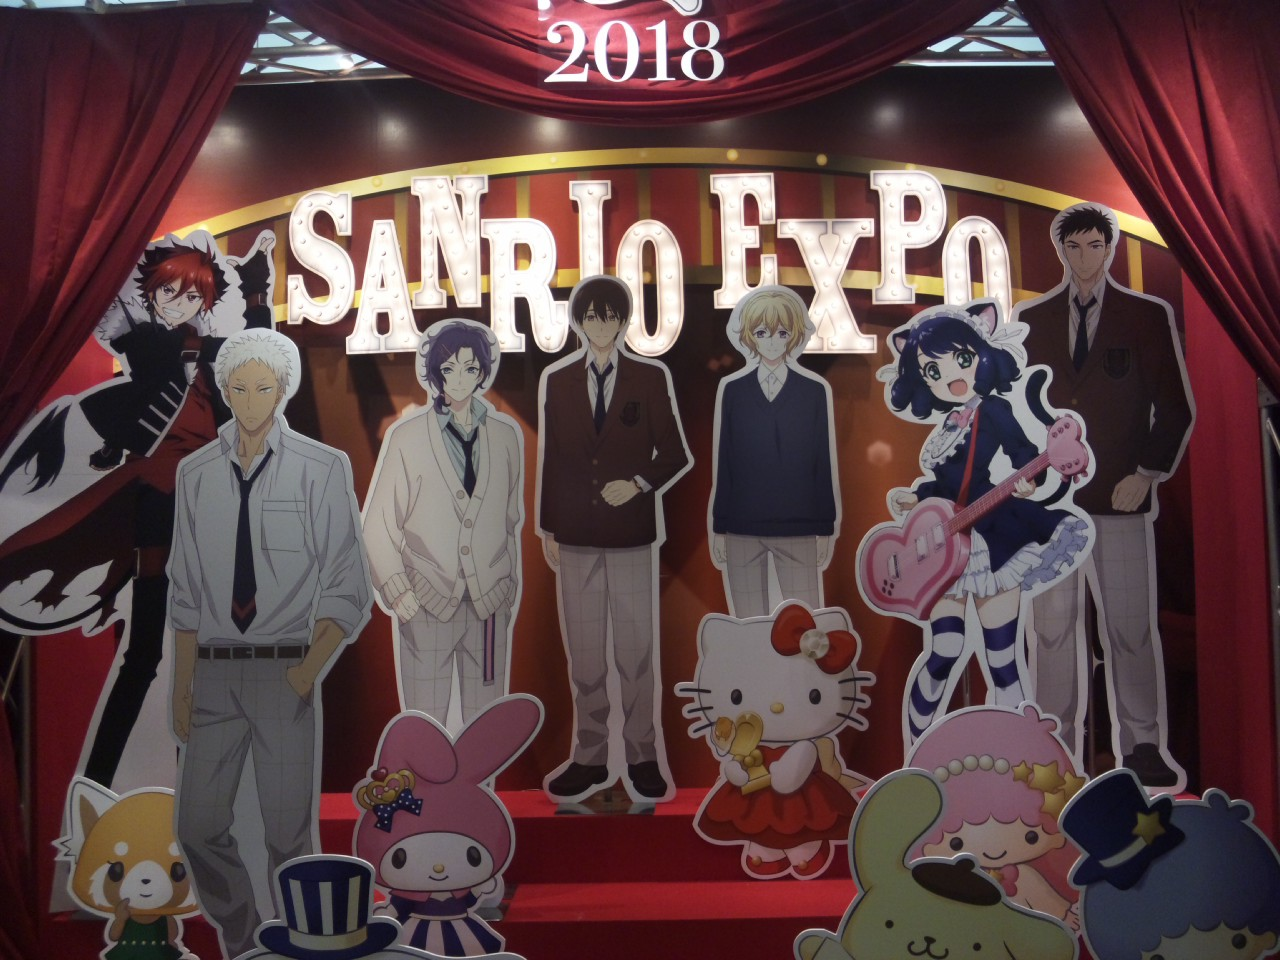 SANRIO EXPO 2018!